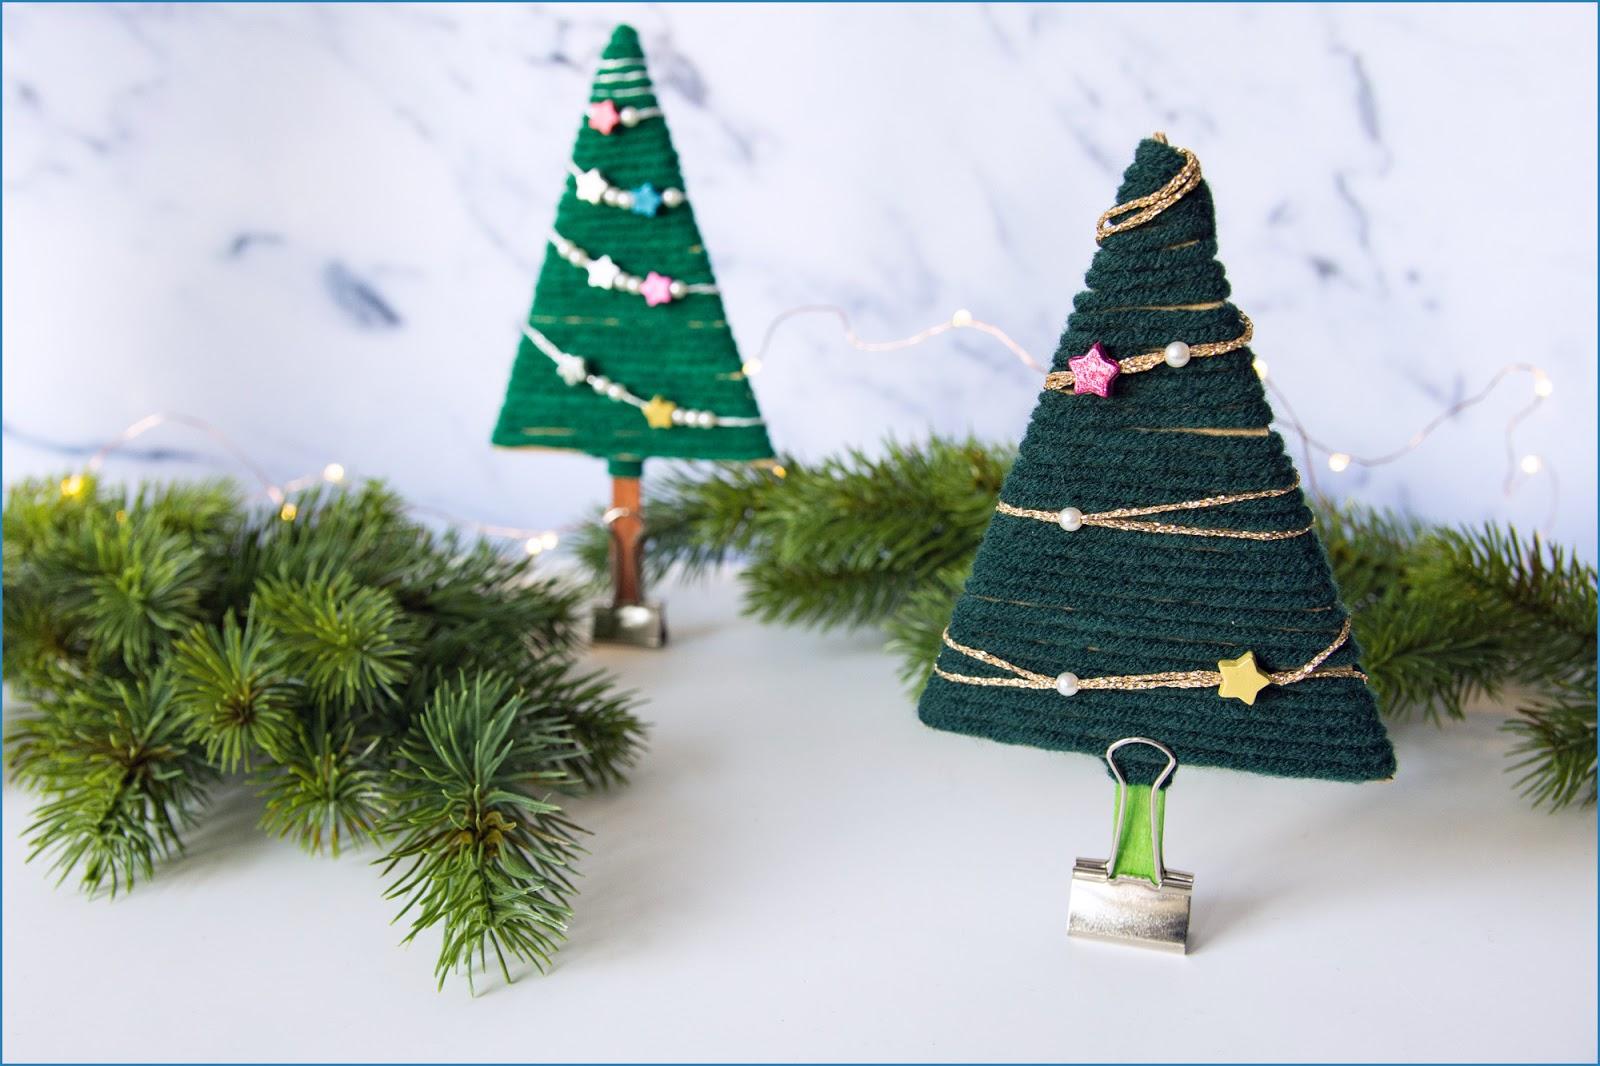 Weihnachtskarten Basteln Tannenbaum.Weihnachtskarten Basteln Kindern Tannenbaum Basteln Papier Vorlage